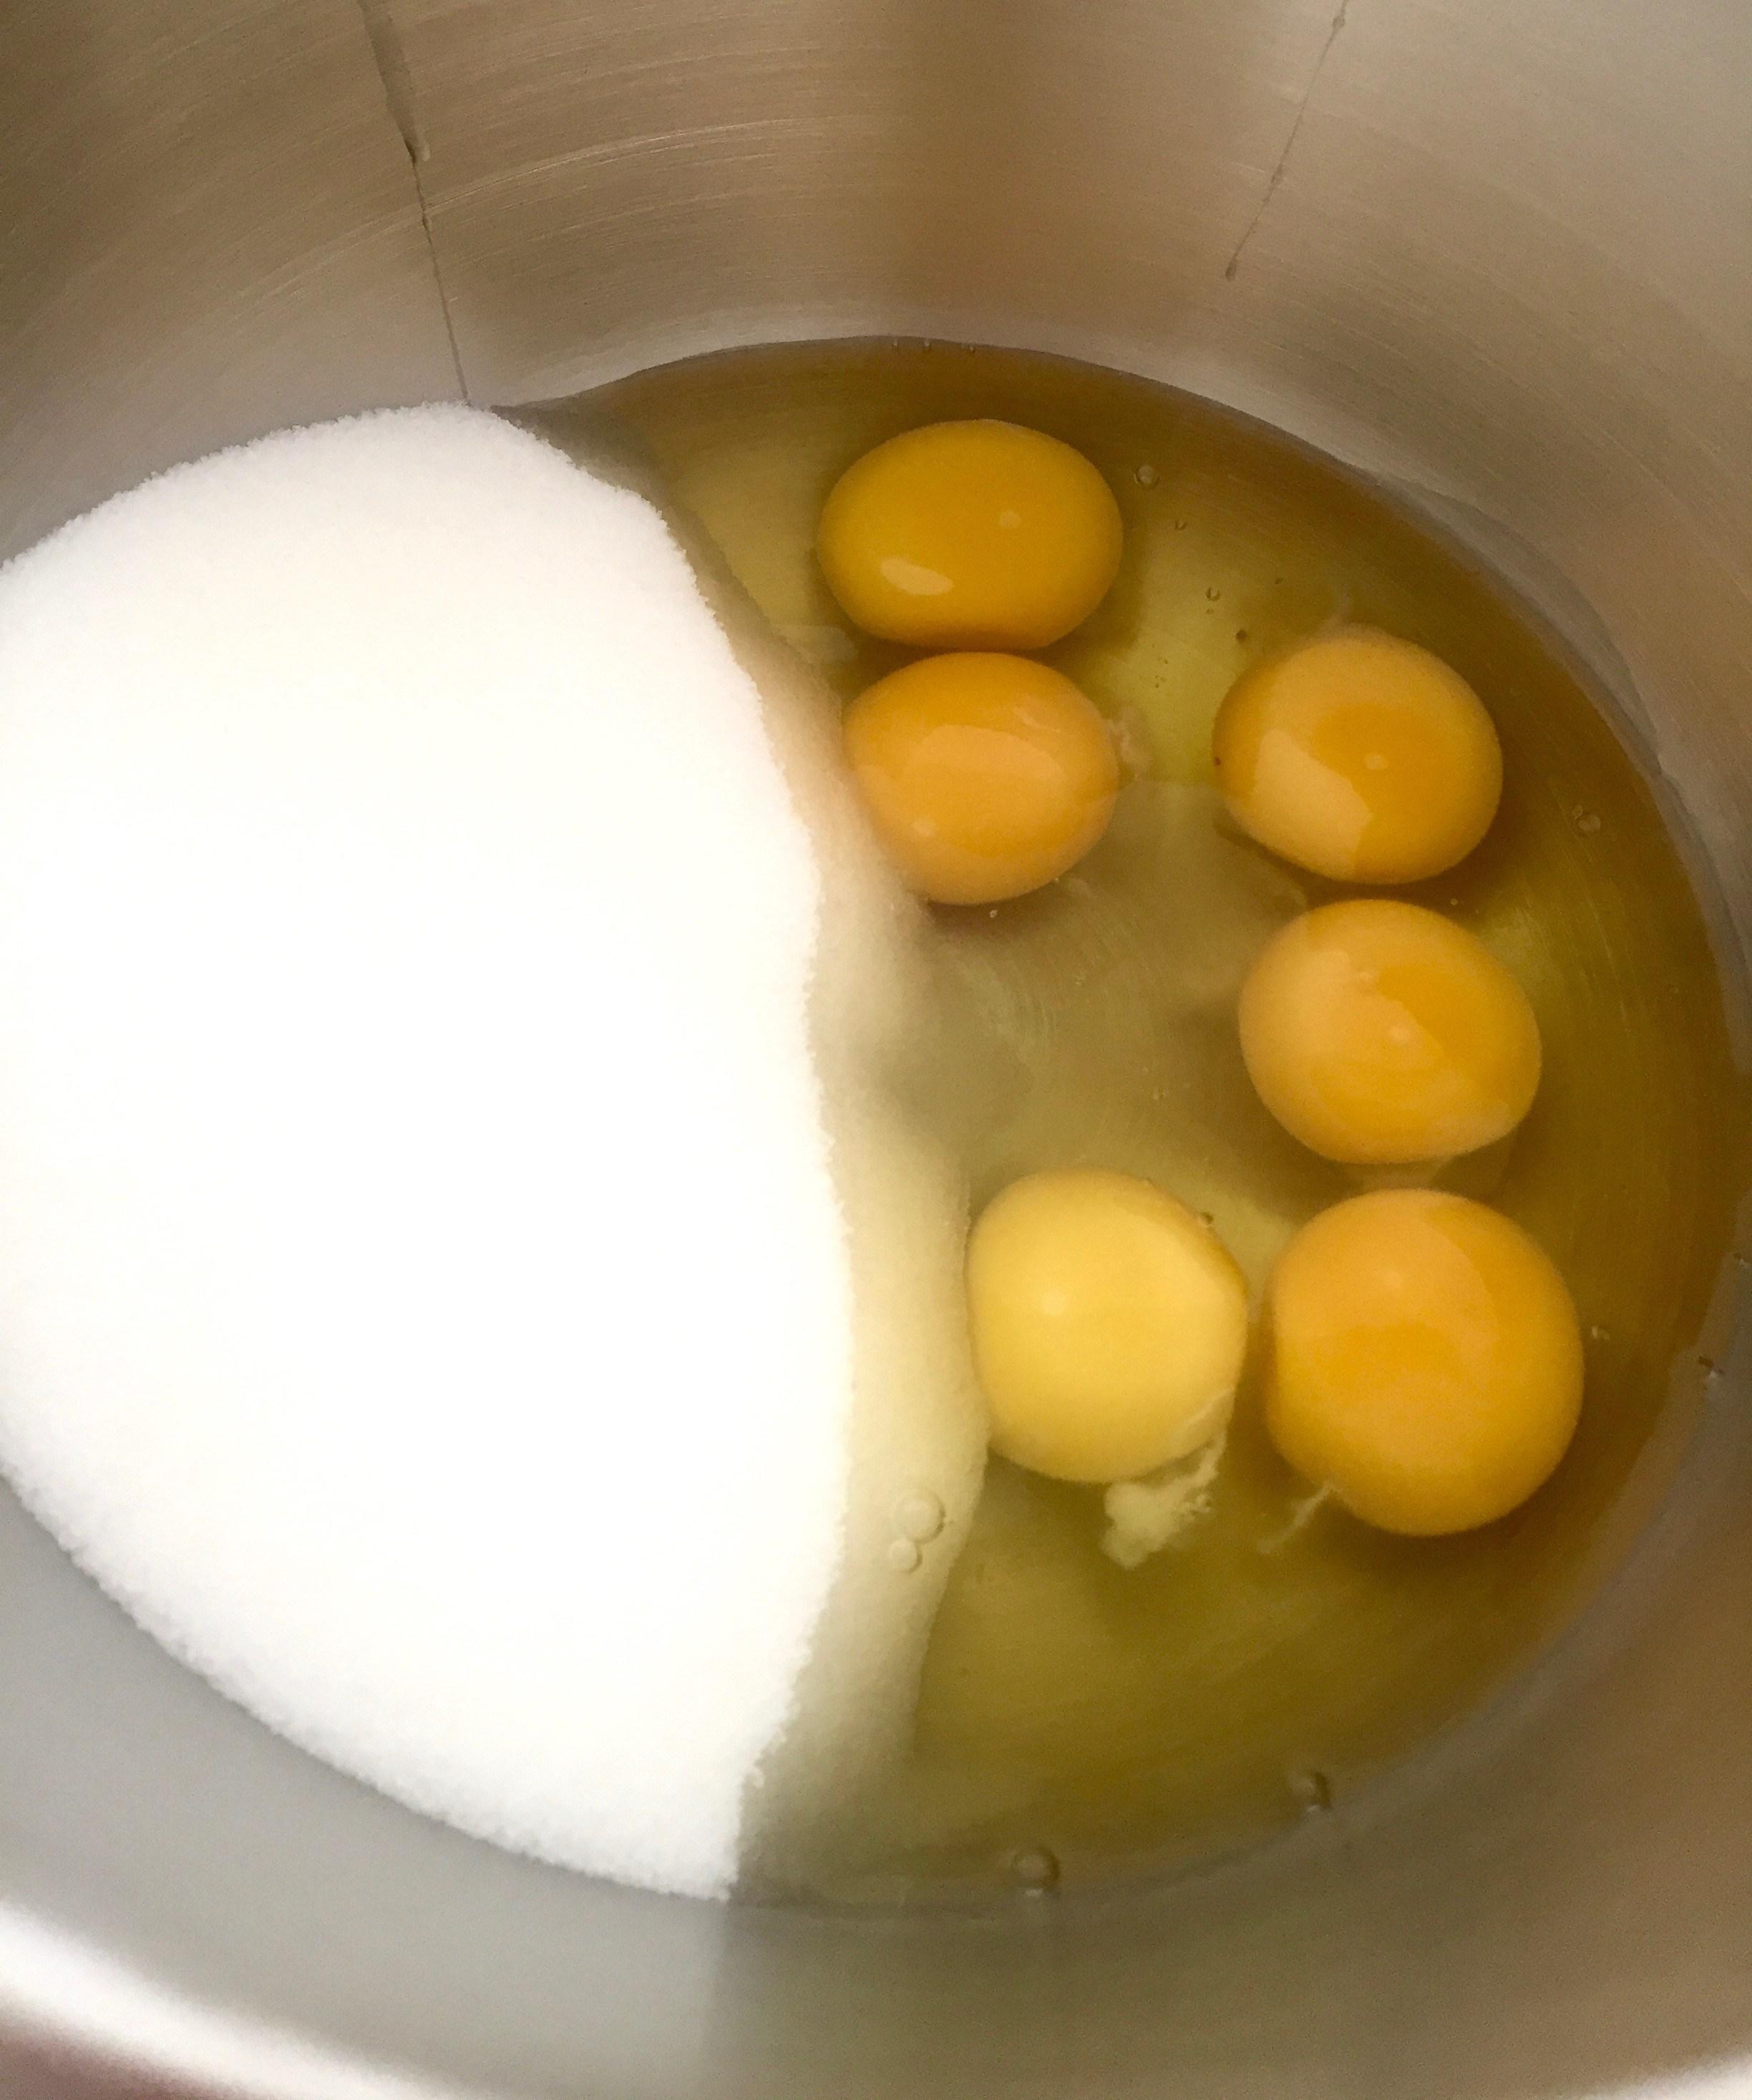 6 Eier und Zucker liegen in einer Rührschüssel vorbereitet.